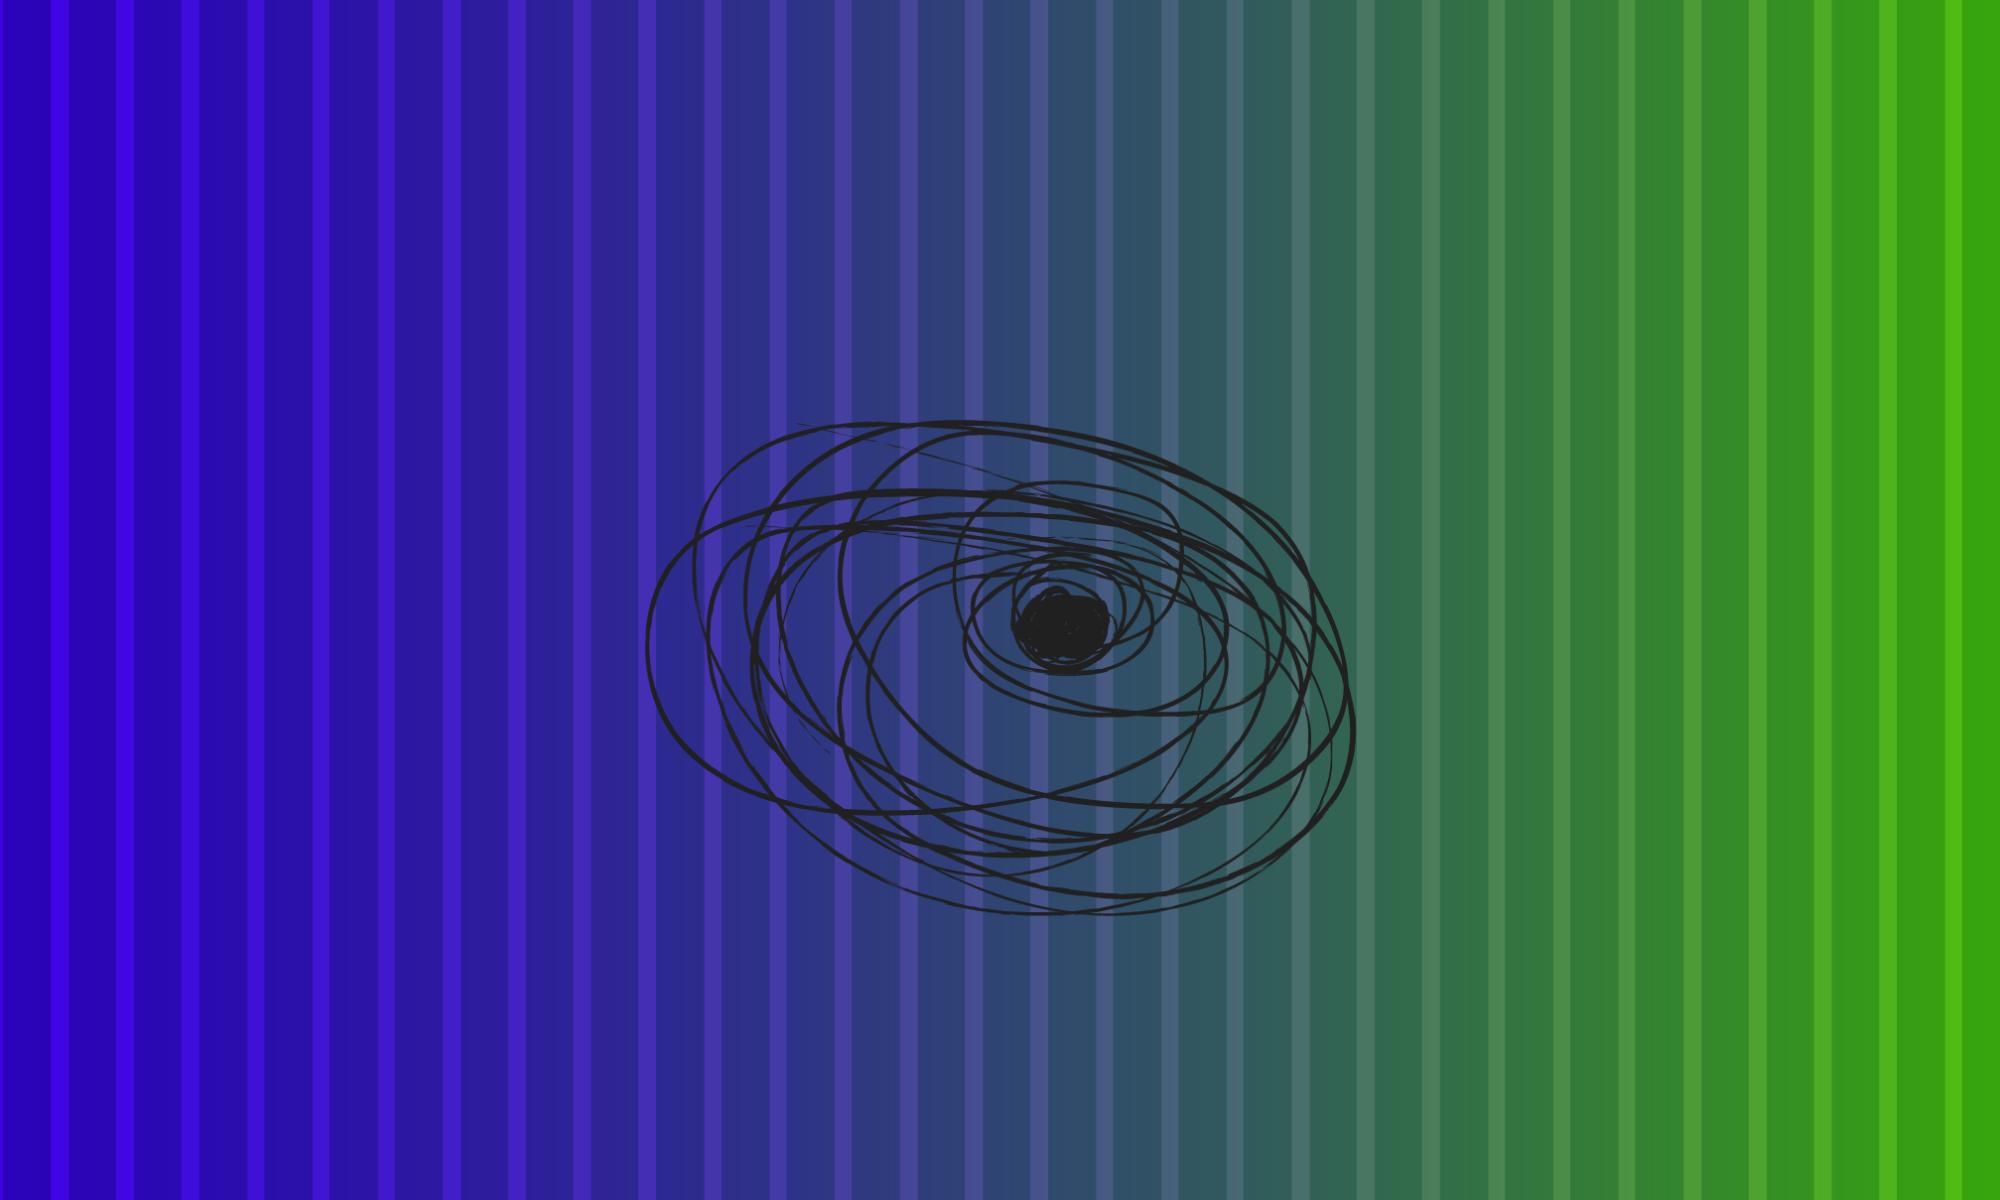 El agujero negro de Fortnite: ¿Una estrategia de Marketing?